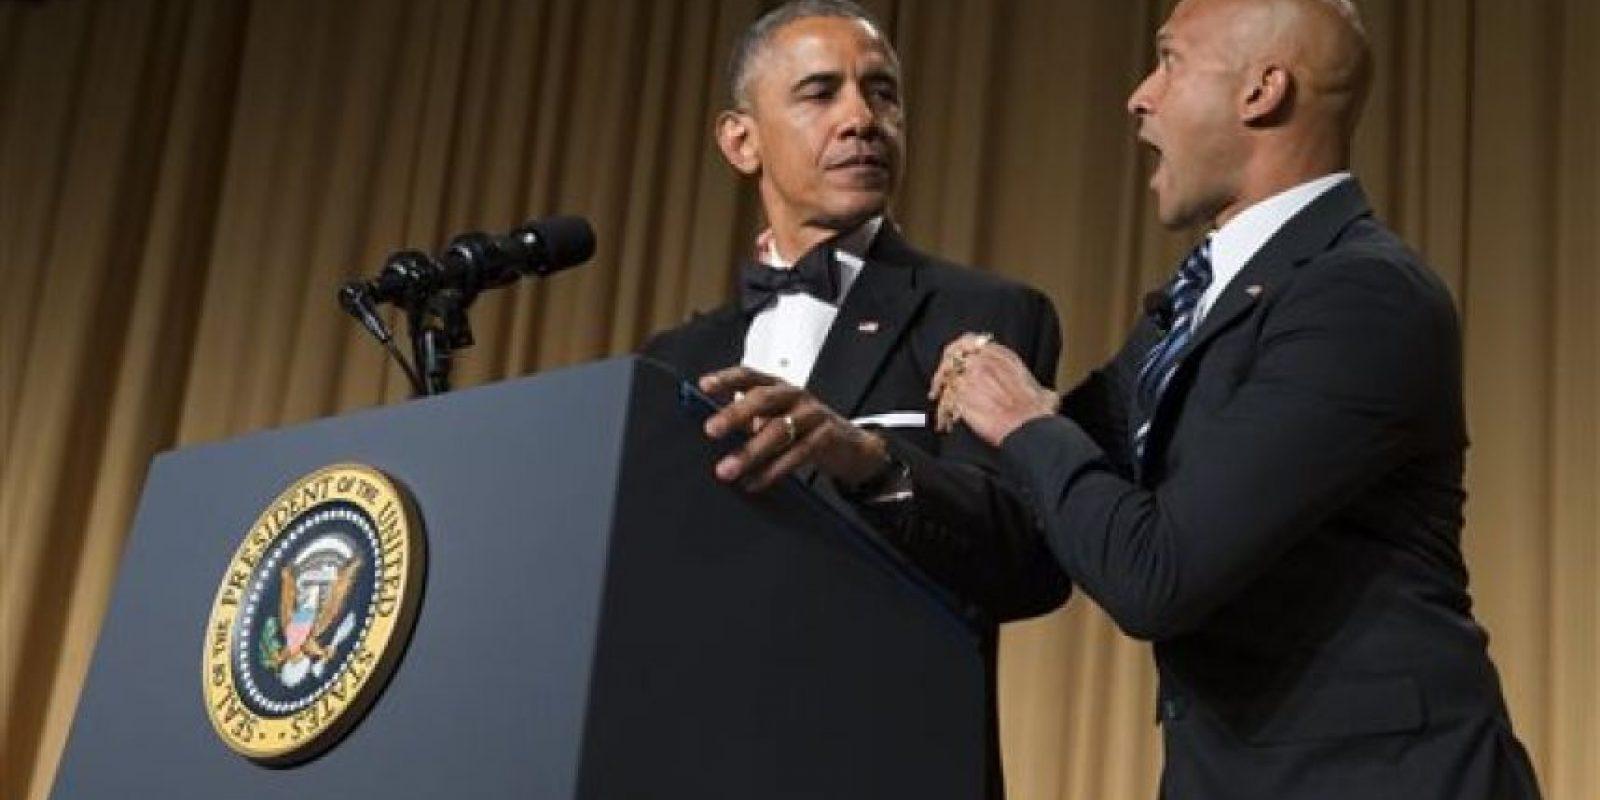 """Acompañado de su """"traductor de ira"""", el comediante Keegan Michael Key, Obama se despachó a gusto en la Cena Anual de Corresponsales, donde habló de los logros y retos de su mandato en un tono bastante ácido. Foto:vía AP"""